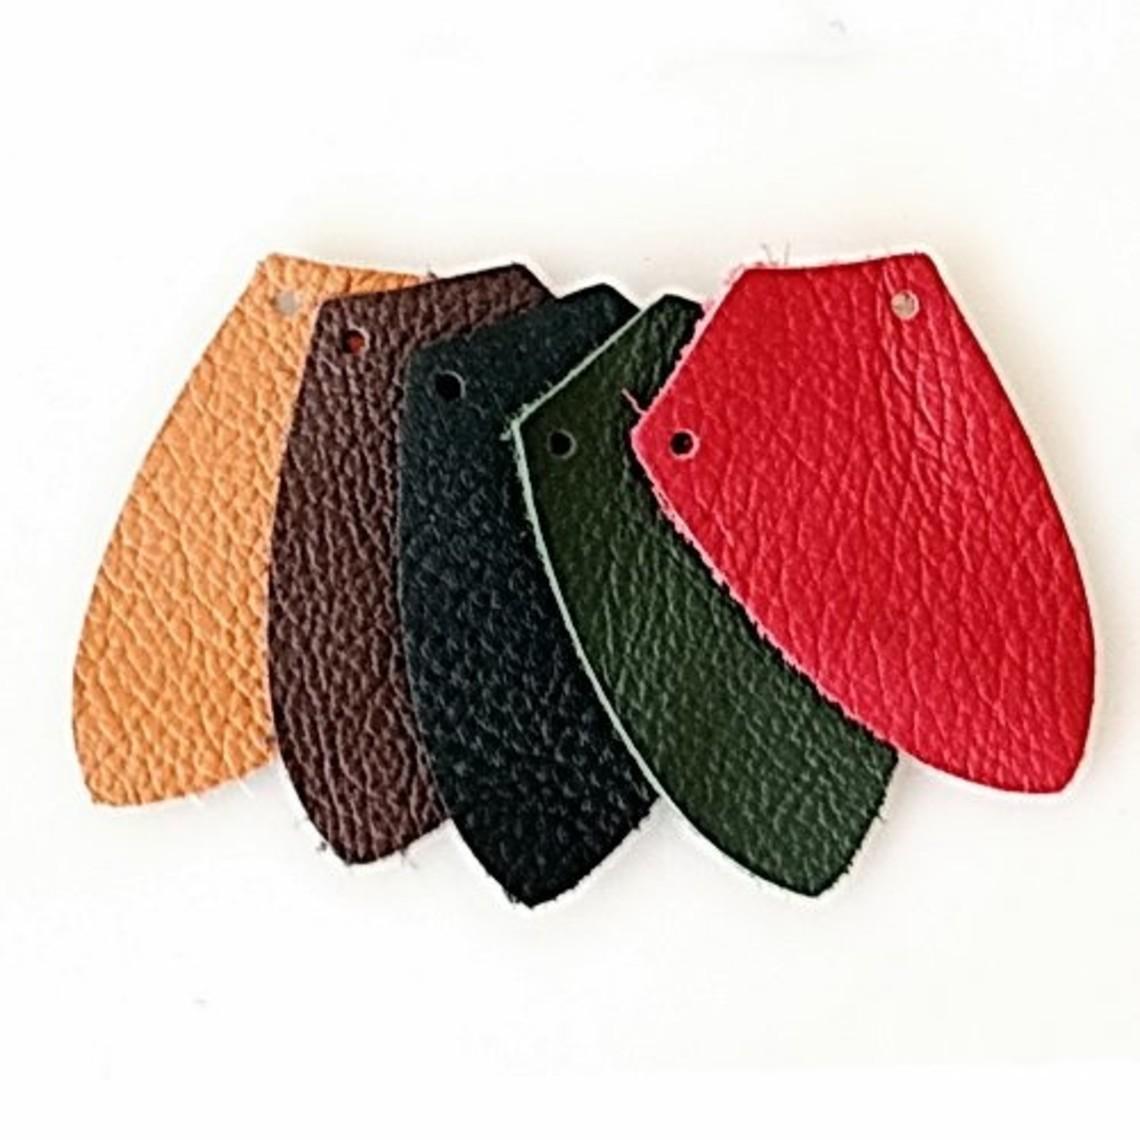 50x napa pieza en forma de escudo para la armadura de escamas, de color marrón oscuro